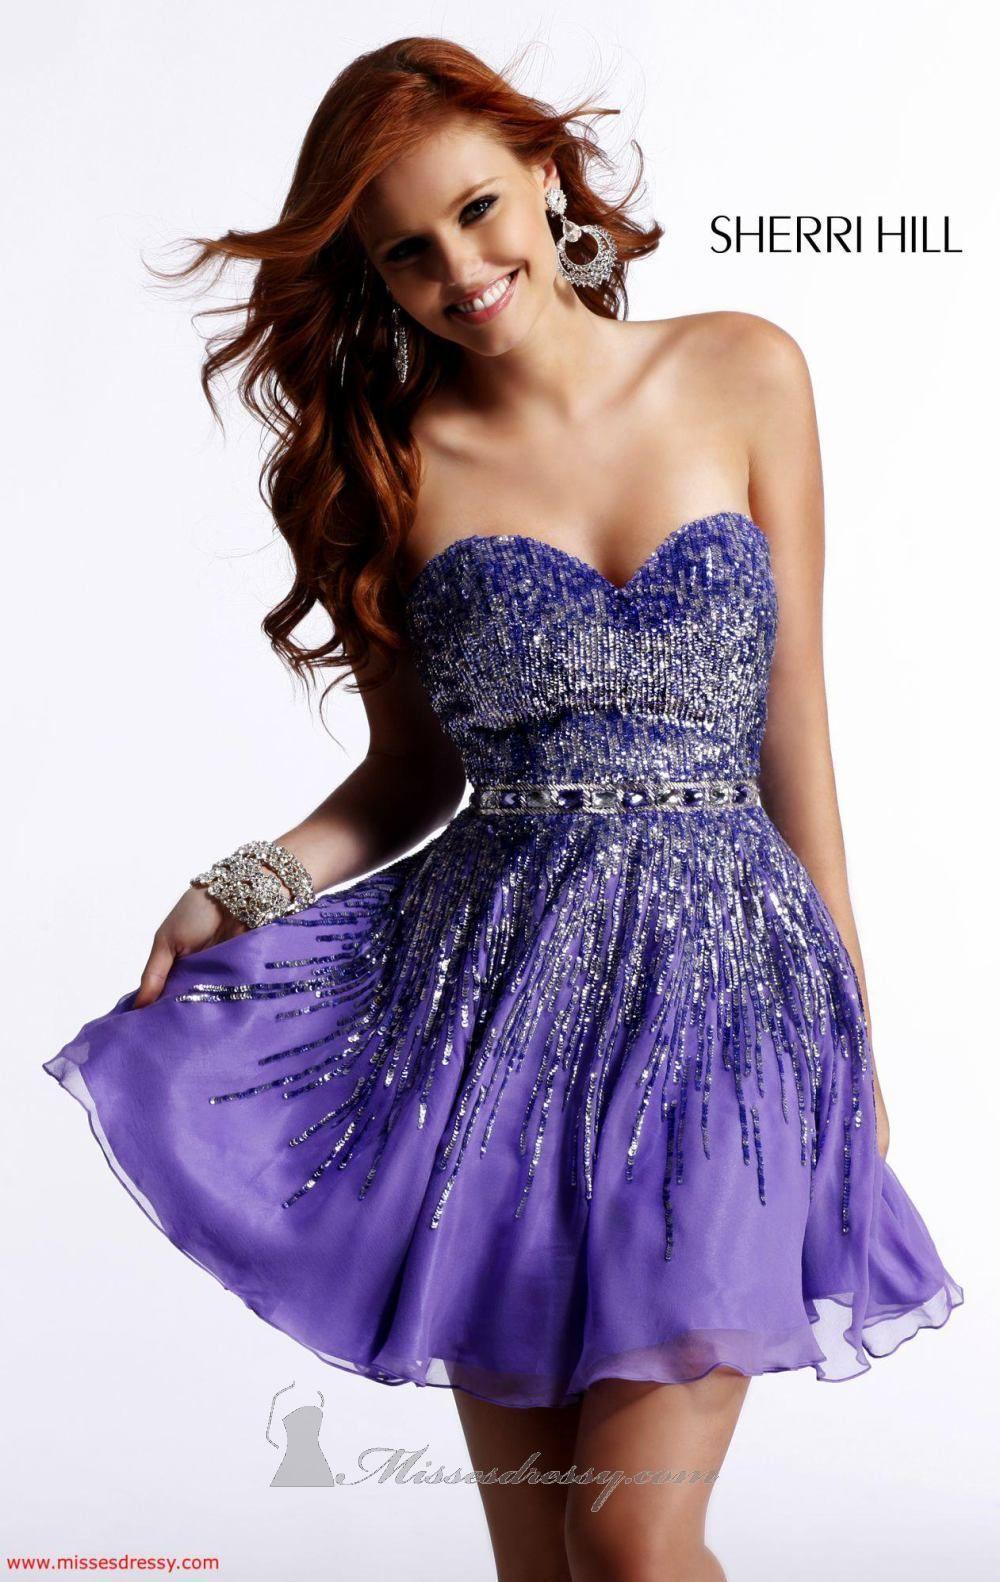 Sherri Hill 8413 Dress - MissesDressy.com